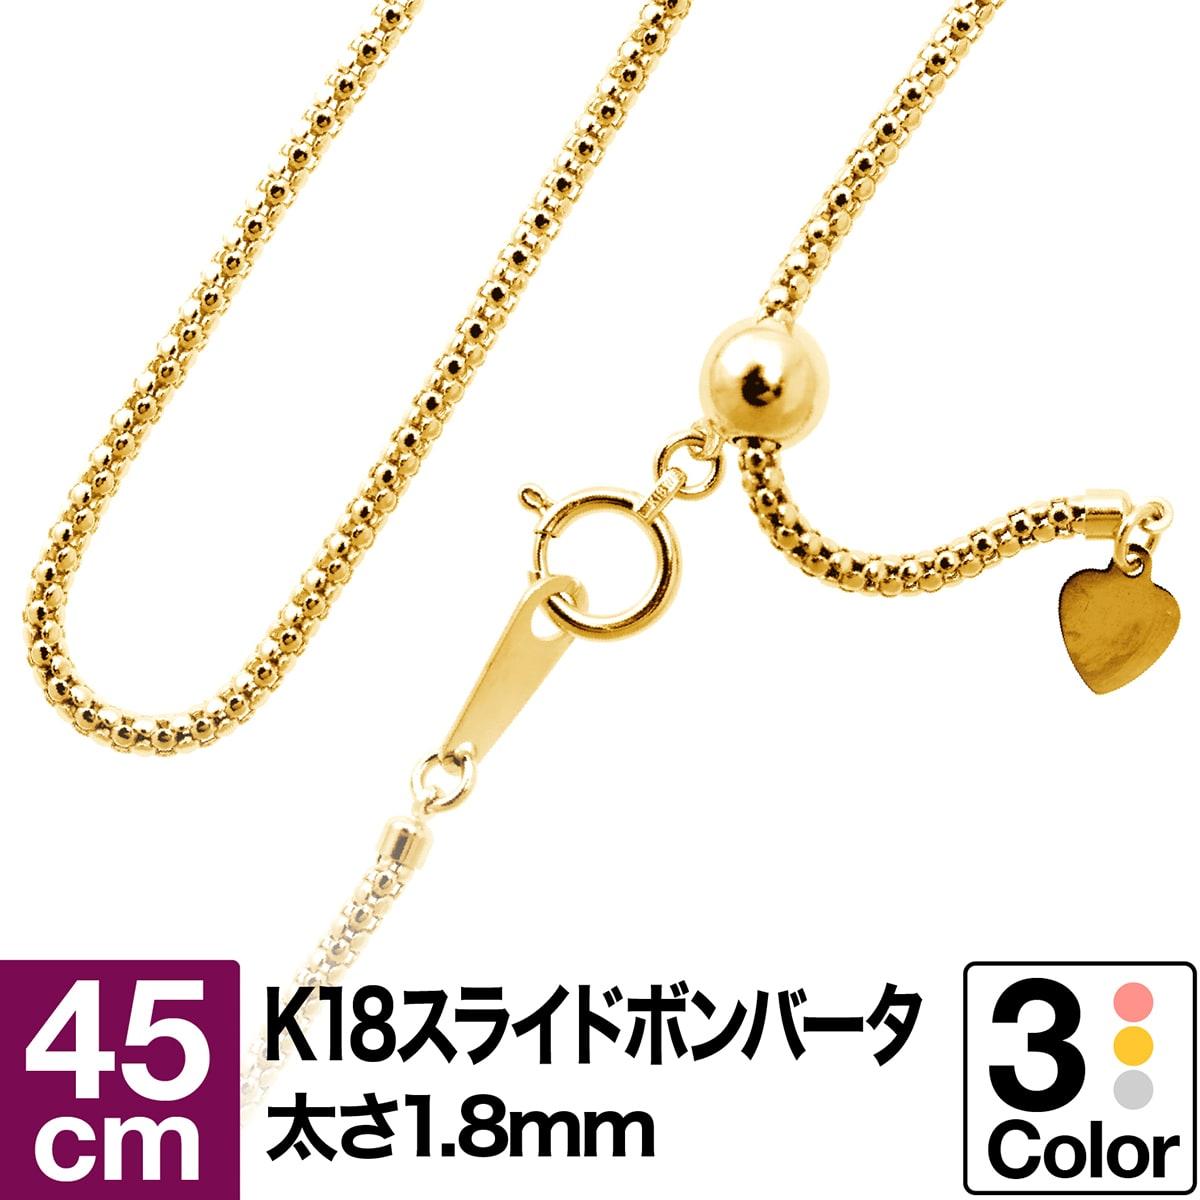 ネックレス チェーン ボンバータ スライドアジャスター k18 イエローゴールド/ホワイトゴールド/ピンクゴールド 長さ45cm 幅1.8mm 誕生日 ギフト